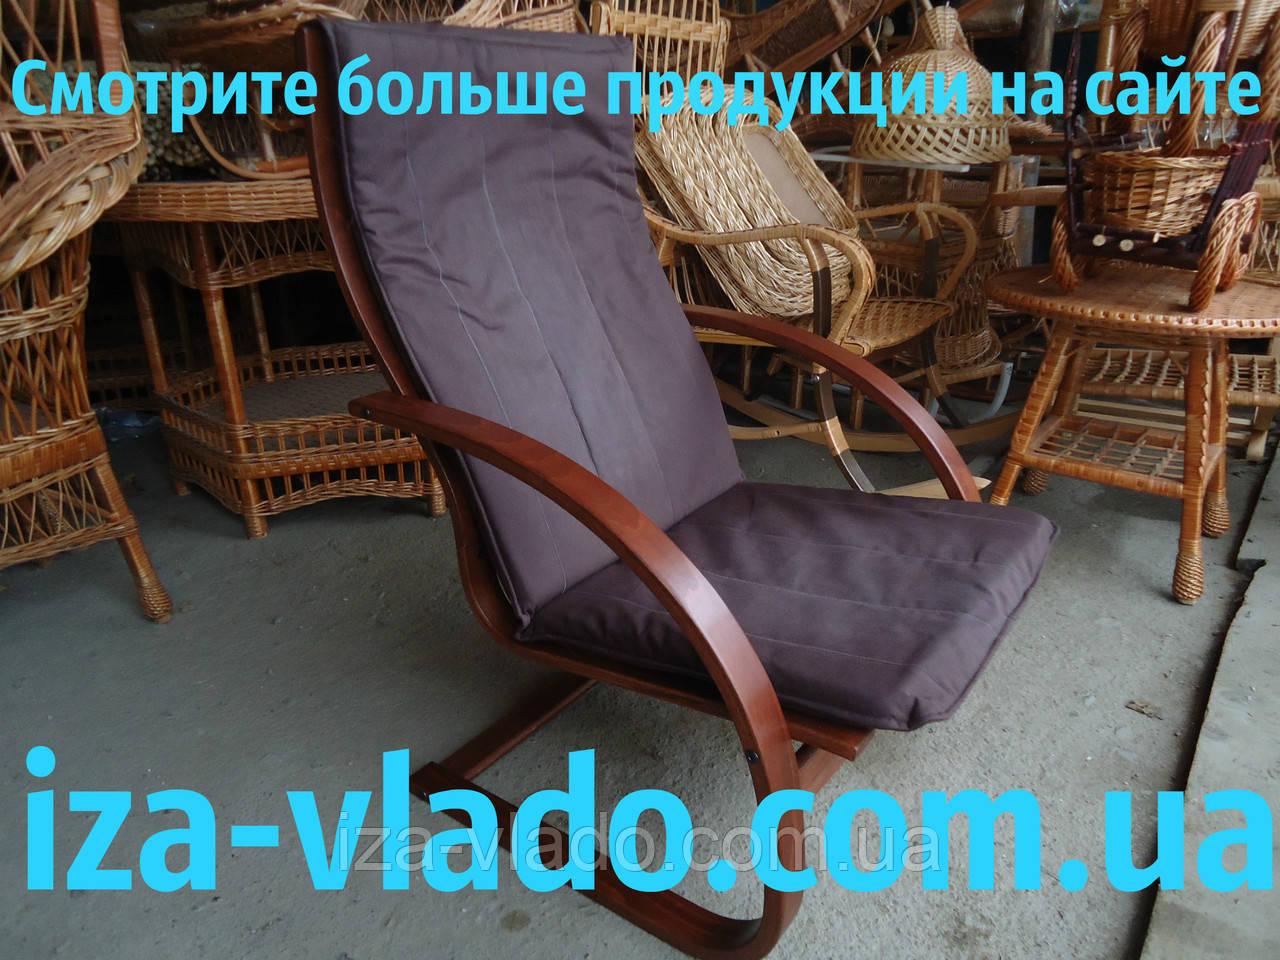 Крісло-гойдалка «Жаба» з круглими підлокітниками